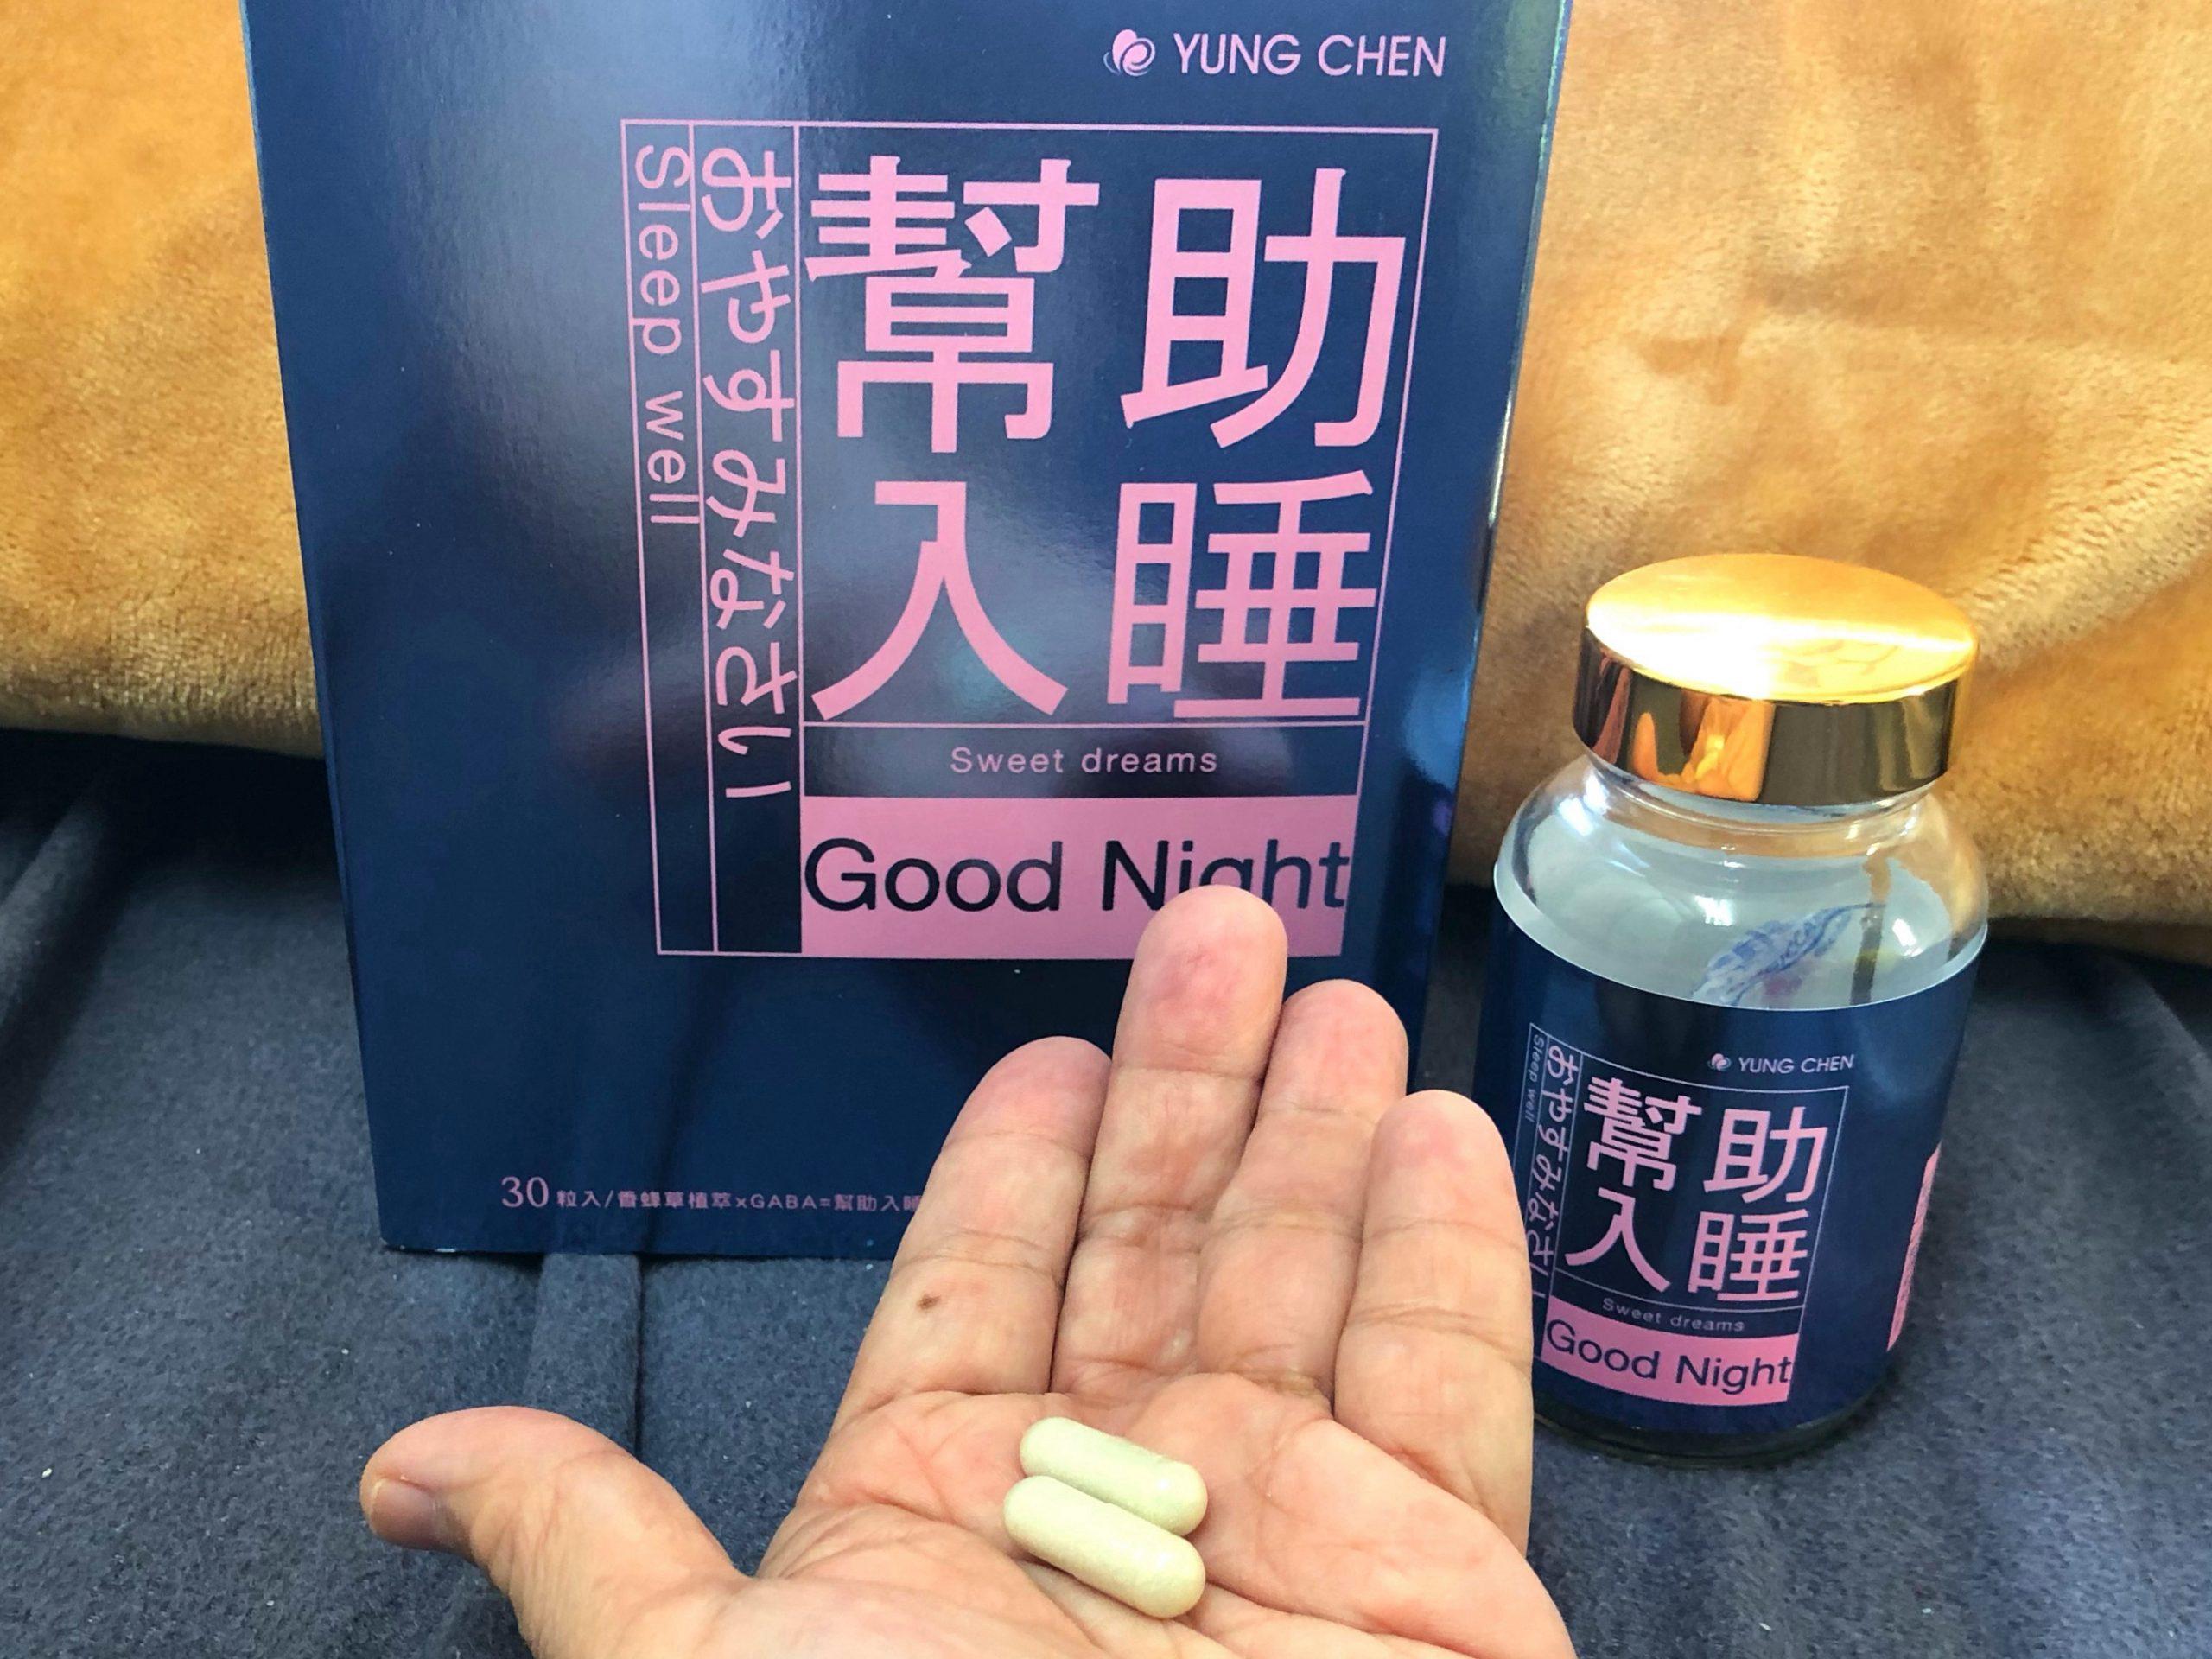 百大藥師推薦永真生技公司【GABA+色胺酸】幫助入睡,可提升睡眠品質,讓你一夜好眠。